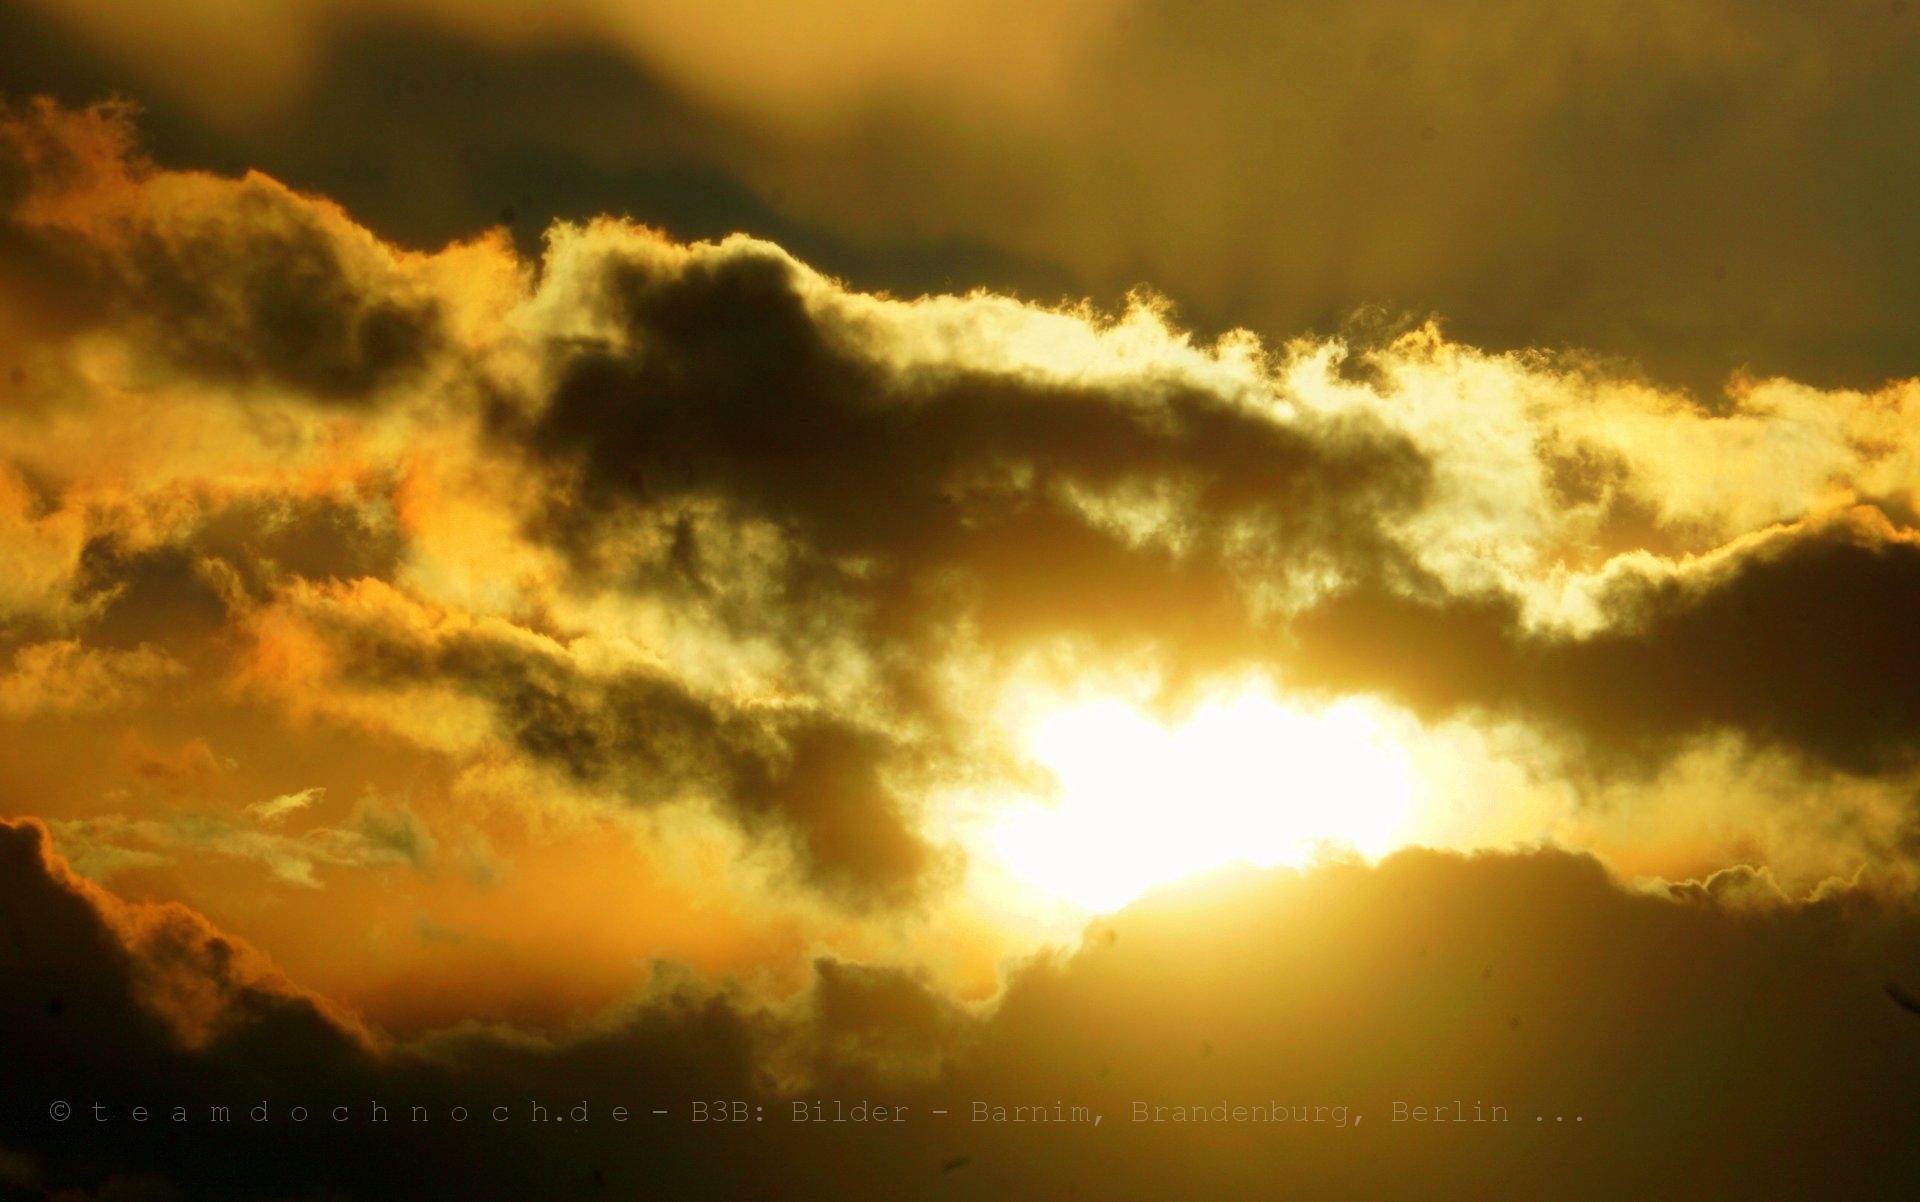 Die Sonne kommt raus